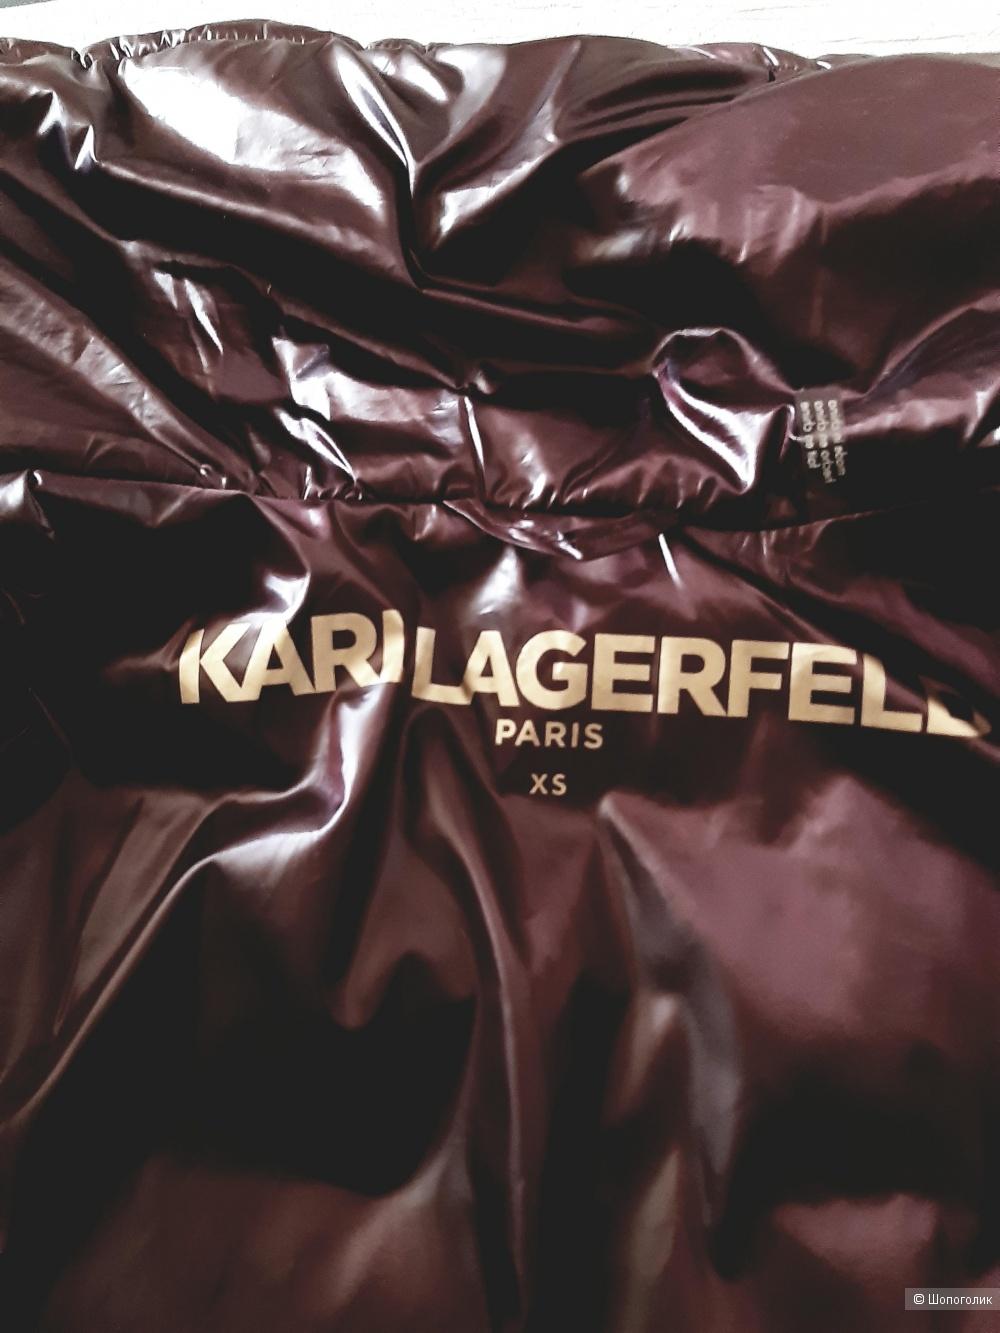 Пуховик  Karl lagerfeld, размер  XS/S